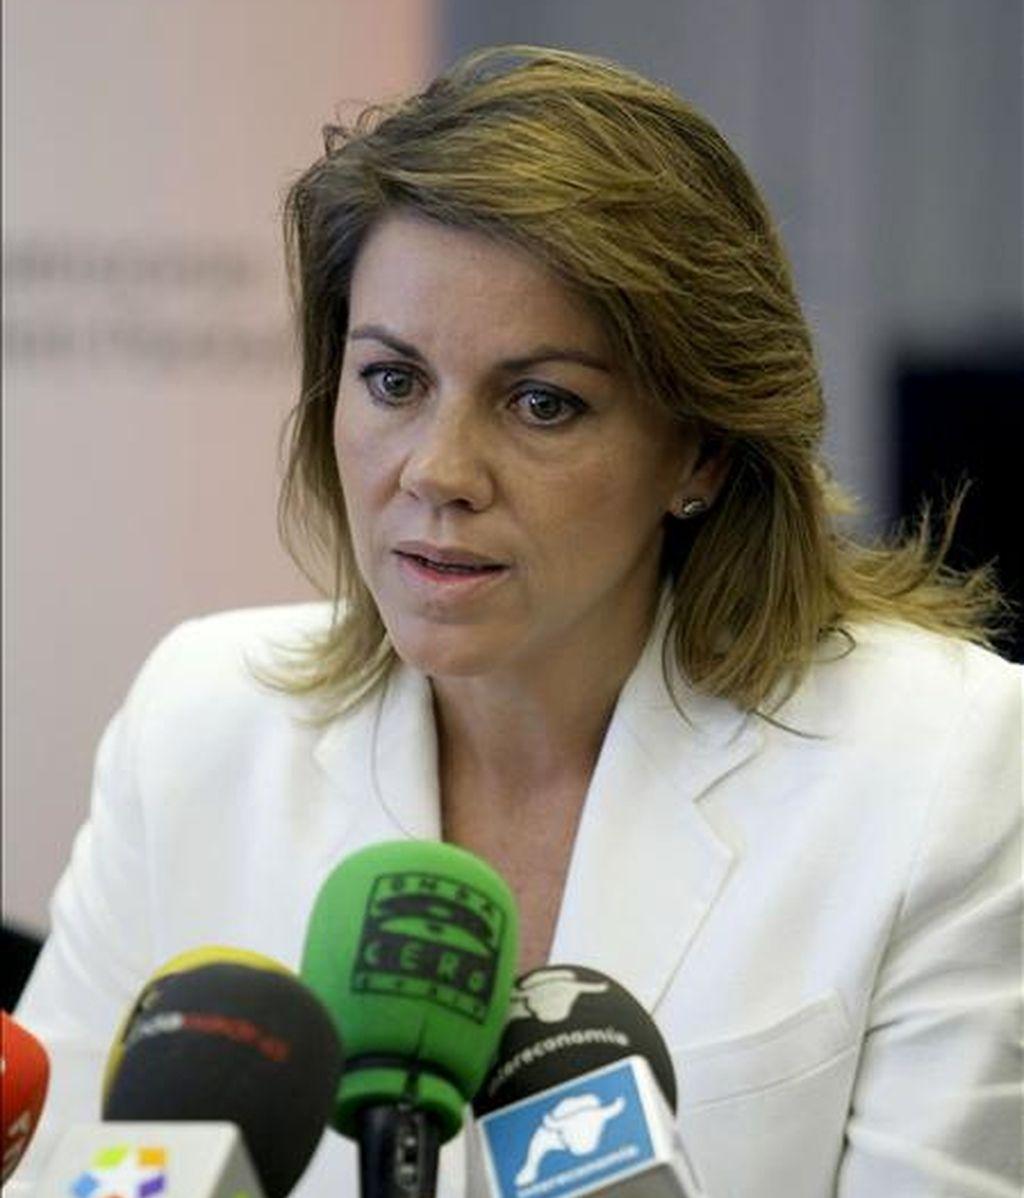 La secretaria general del PP, María Dolores de Cospedal, en la rueda de prensa. Foto: EFE